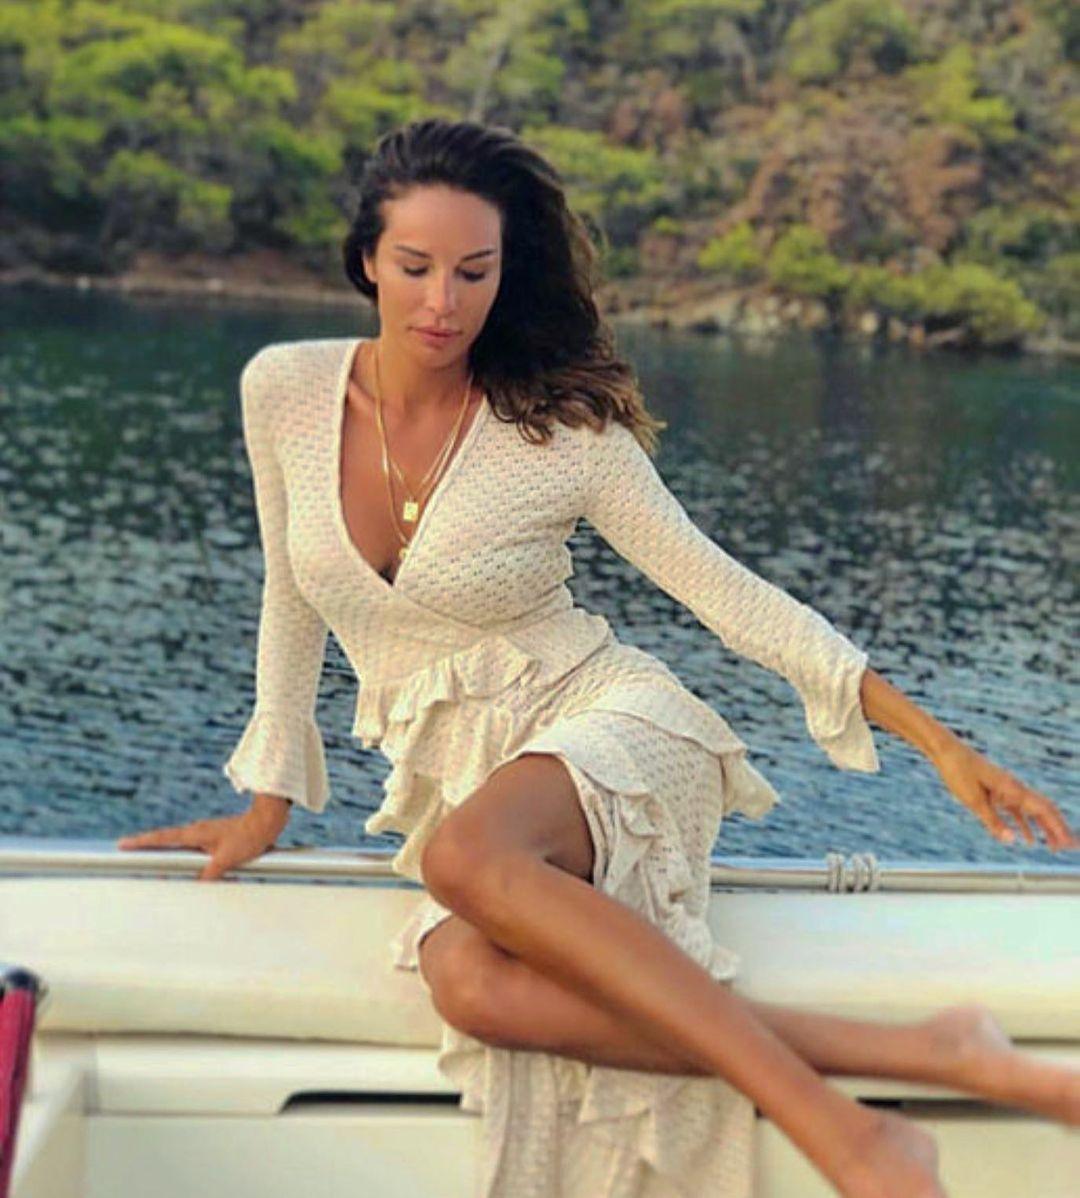 40 yaşındaki Güzide Duran bikinili pozlarıyla meydan okudu! - Sayfa 2